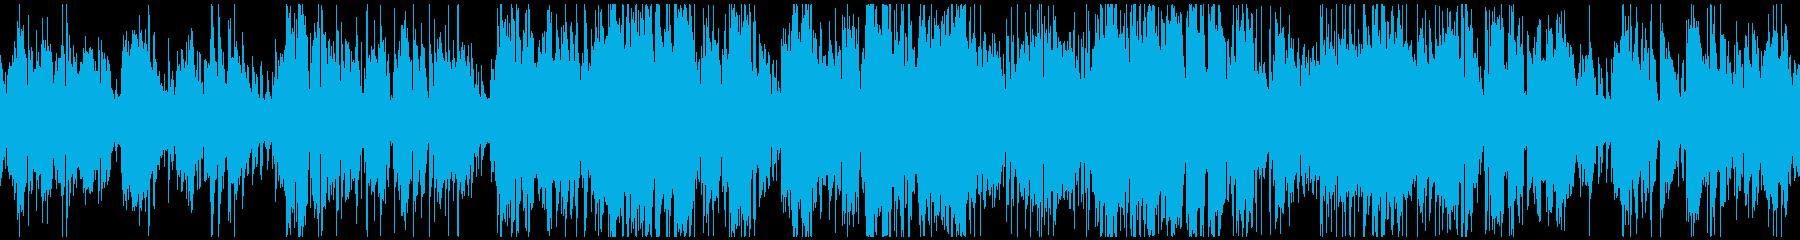 オルガンとサックスのジャズ ※ループ版の再生済みの波形